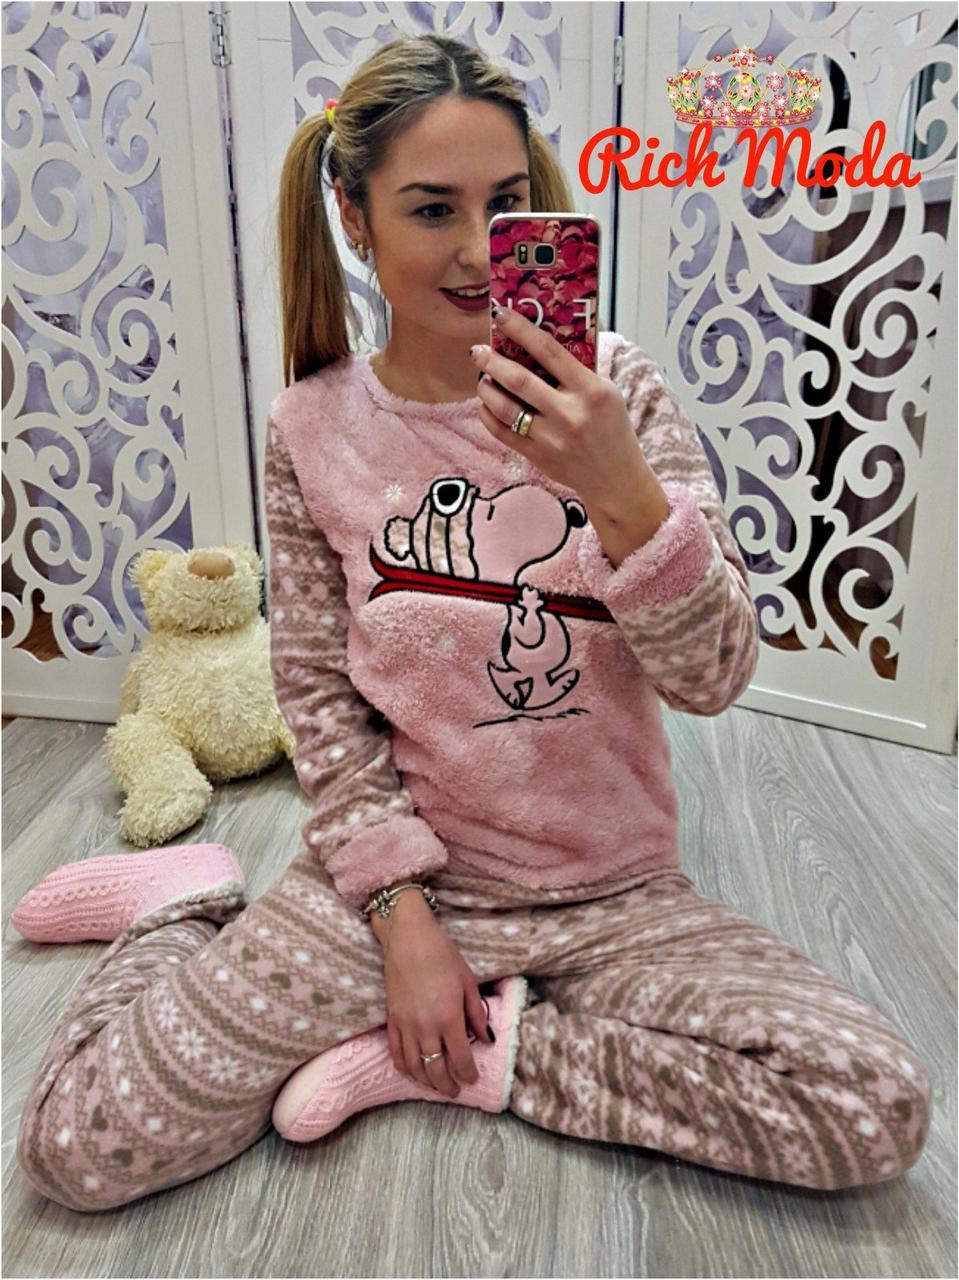 57d8d9e32e182 Махровый женский костюм для дома - Супермаркет одежды Modamart.com.ua в  Одессе